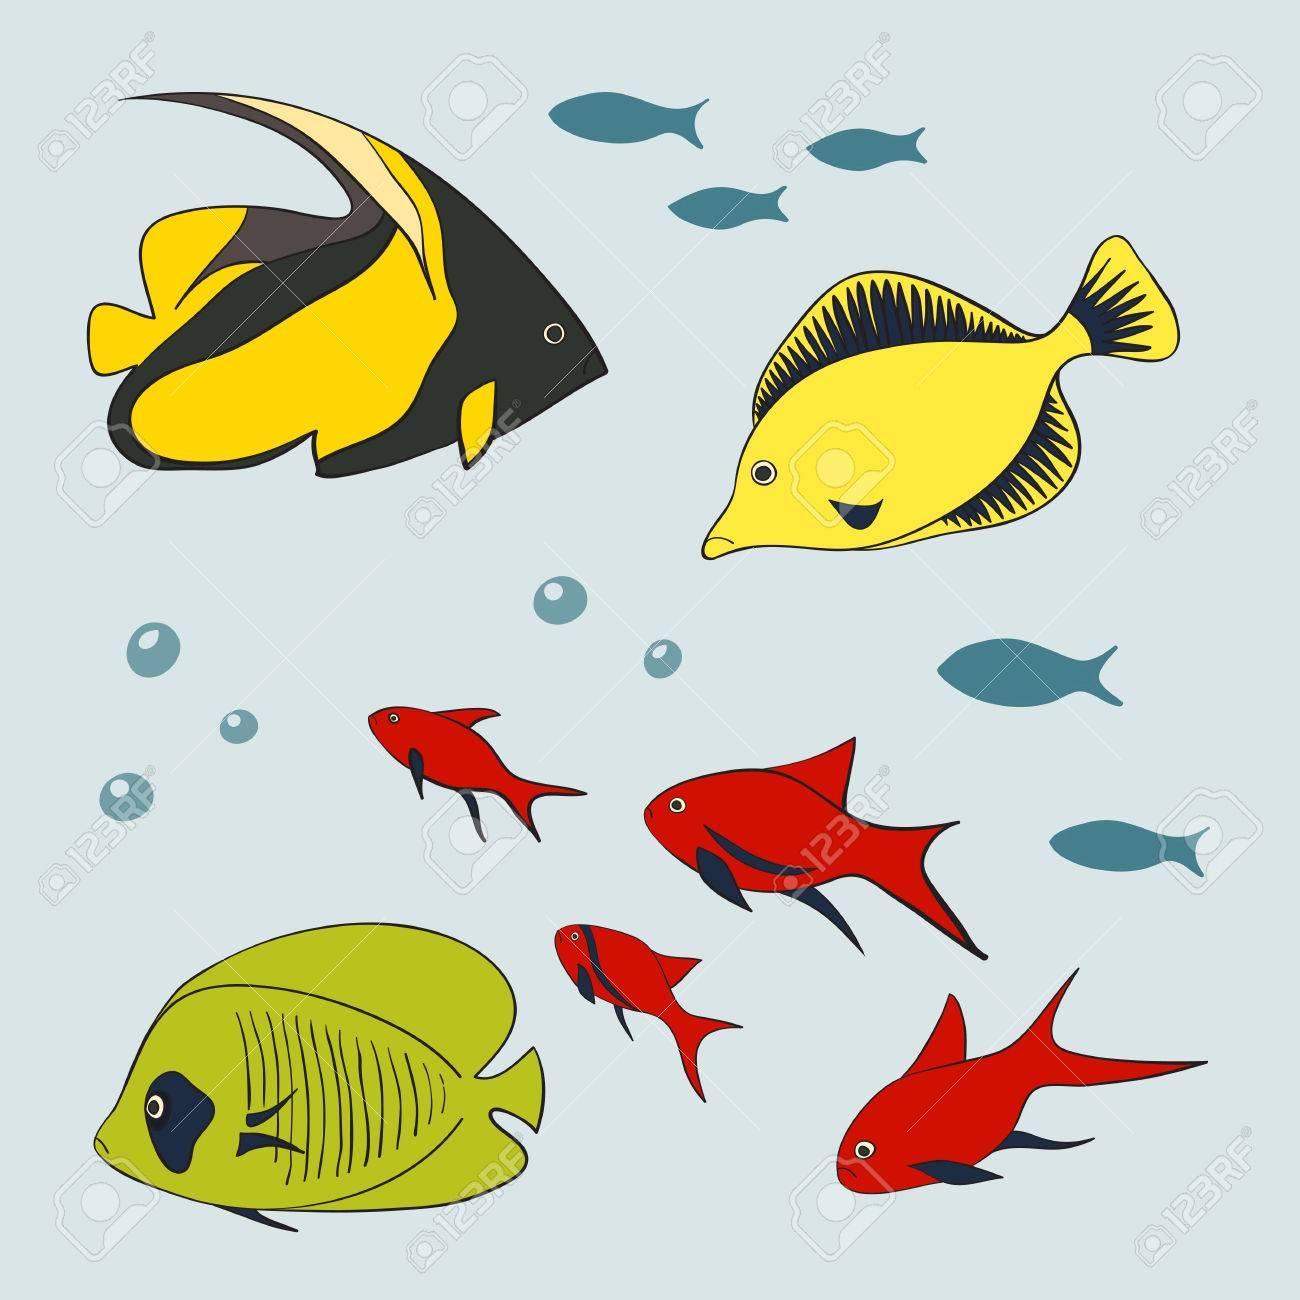 かわいい魚イラストのセットのイラスト素材ベクタ Image 56408436